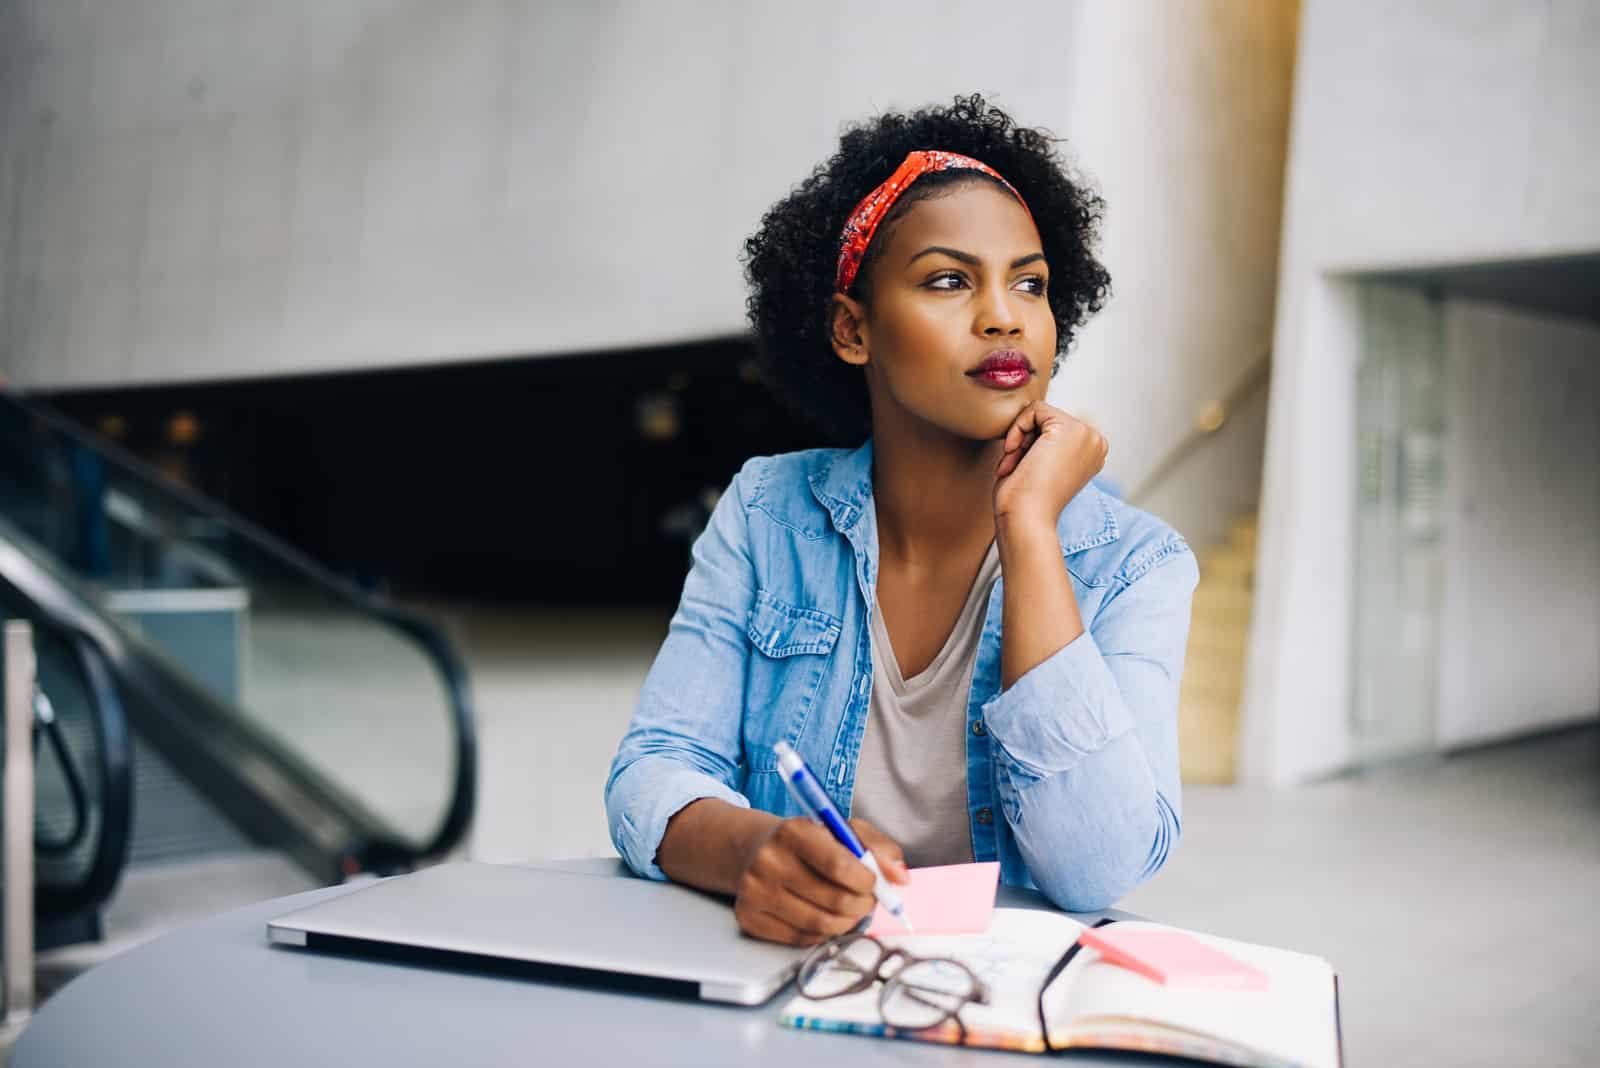 eine imaginäre Frau mit krausem Haar sitzt an einem Tisch und schreibt